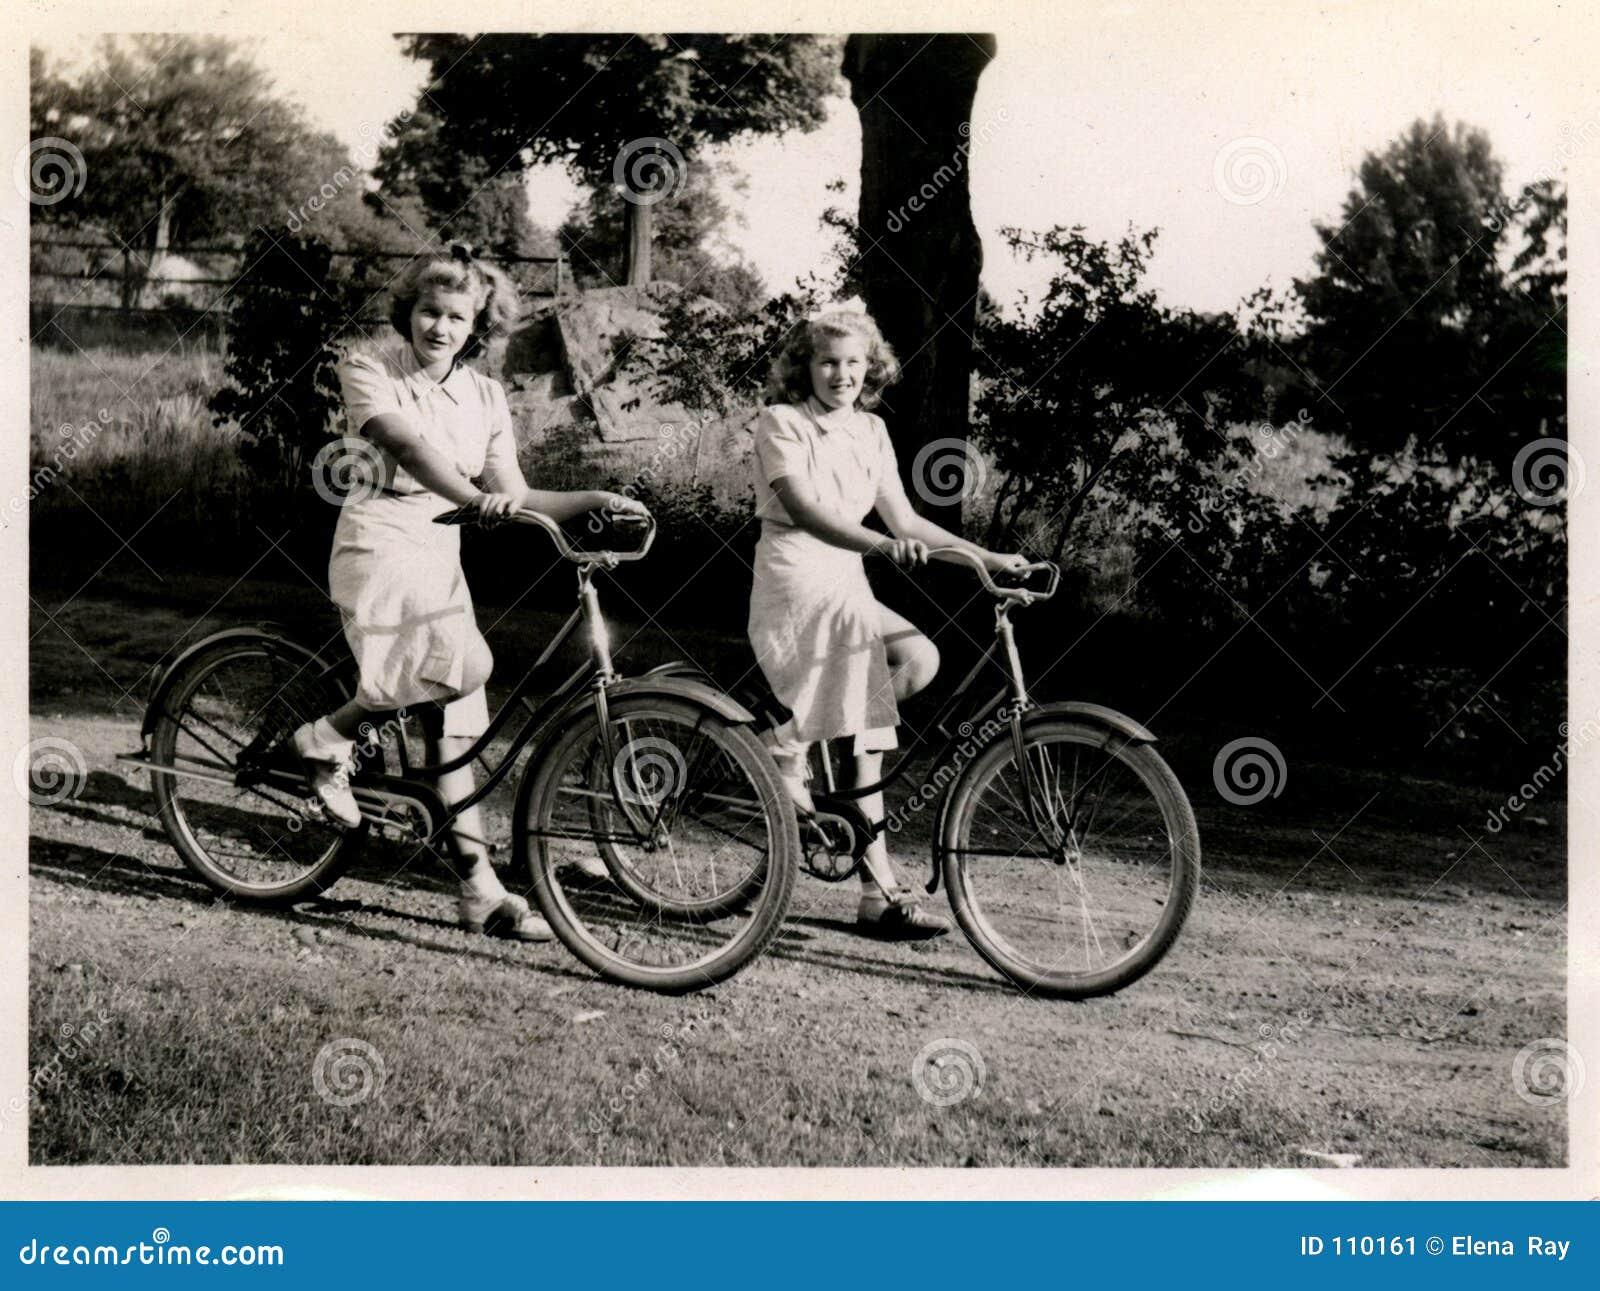 Gêmeos do vintage - 60,000th imagem em linha!